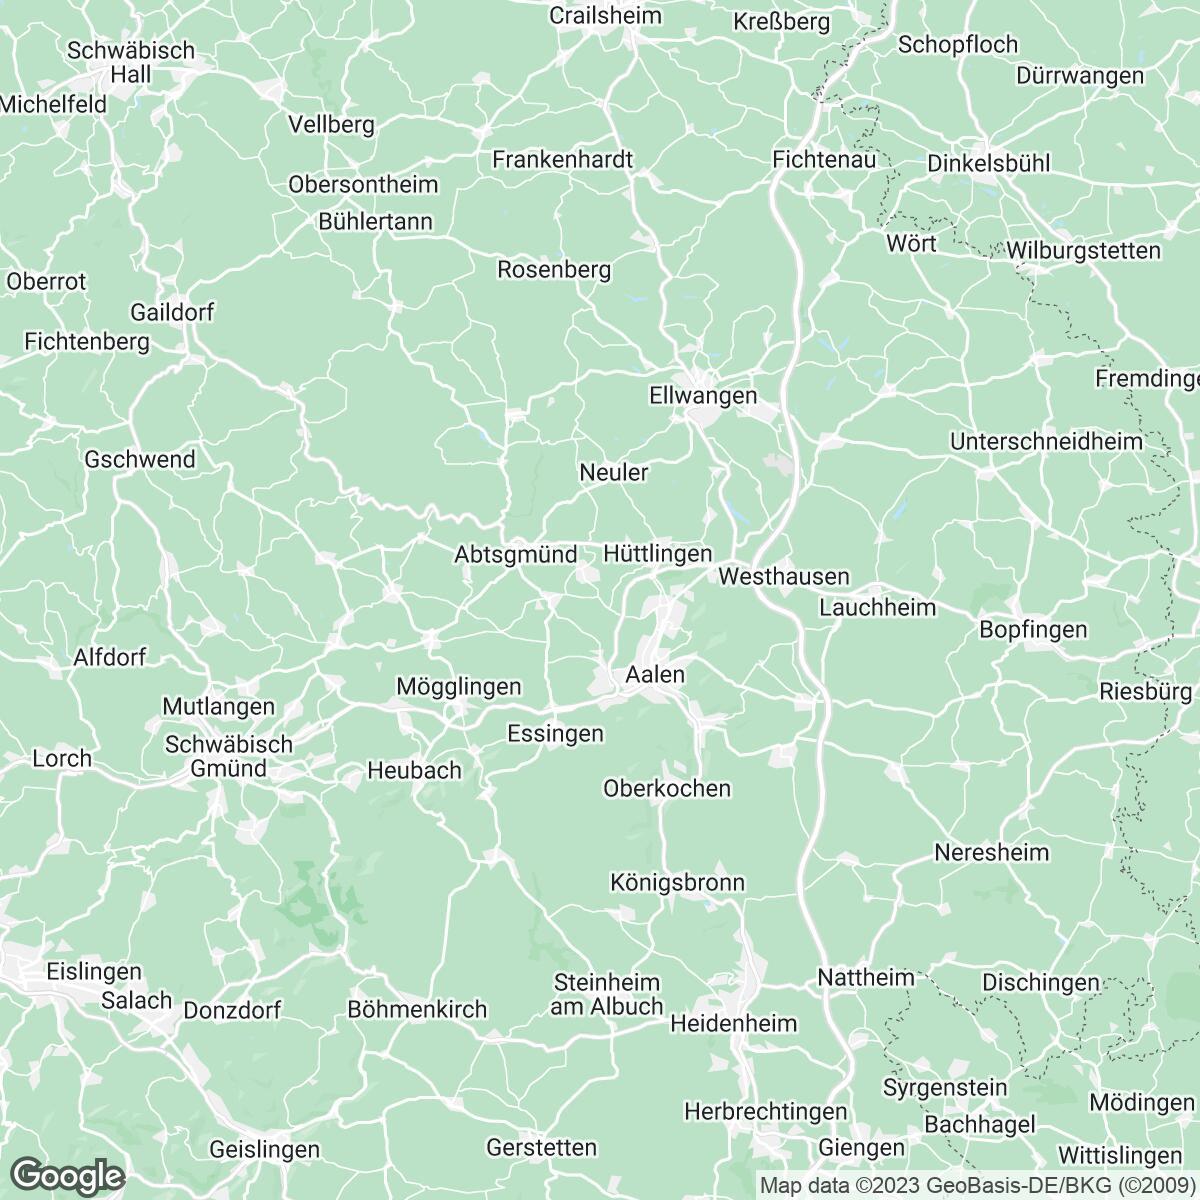 Verkaufsgebiet der Zeitungen Schwäbische Post/Gmünder Tagespost